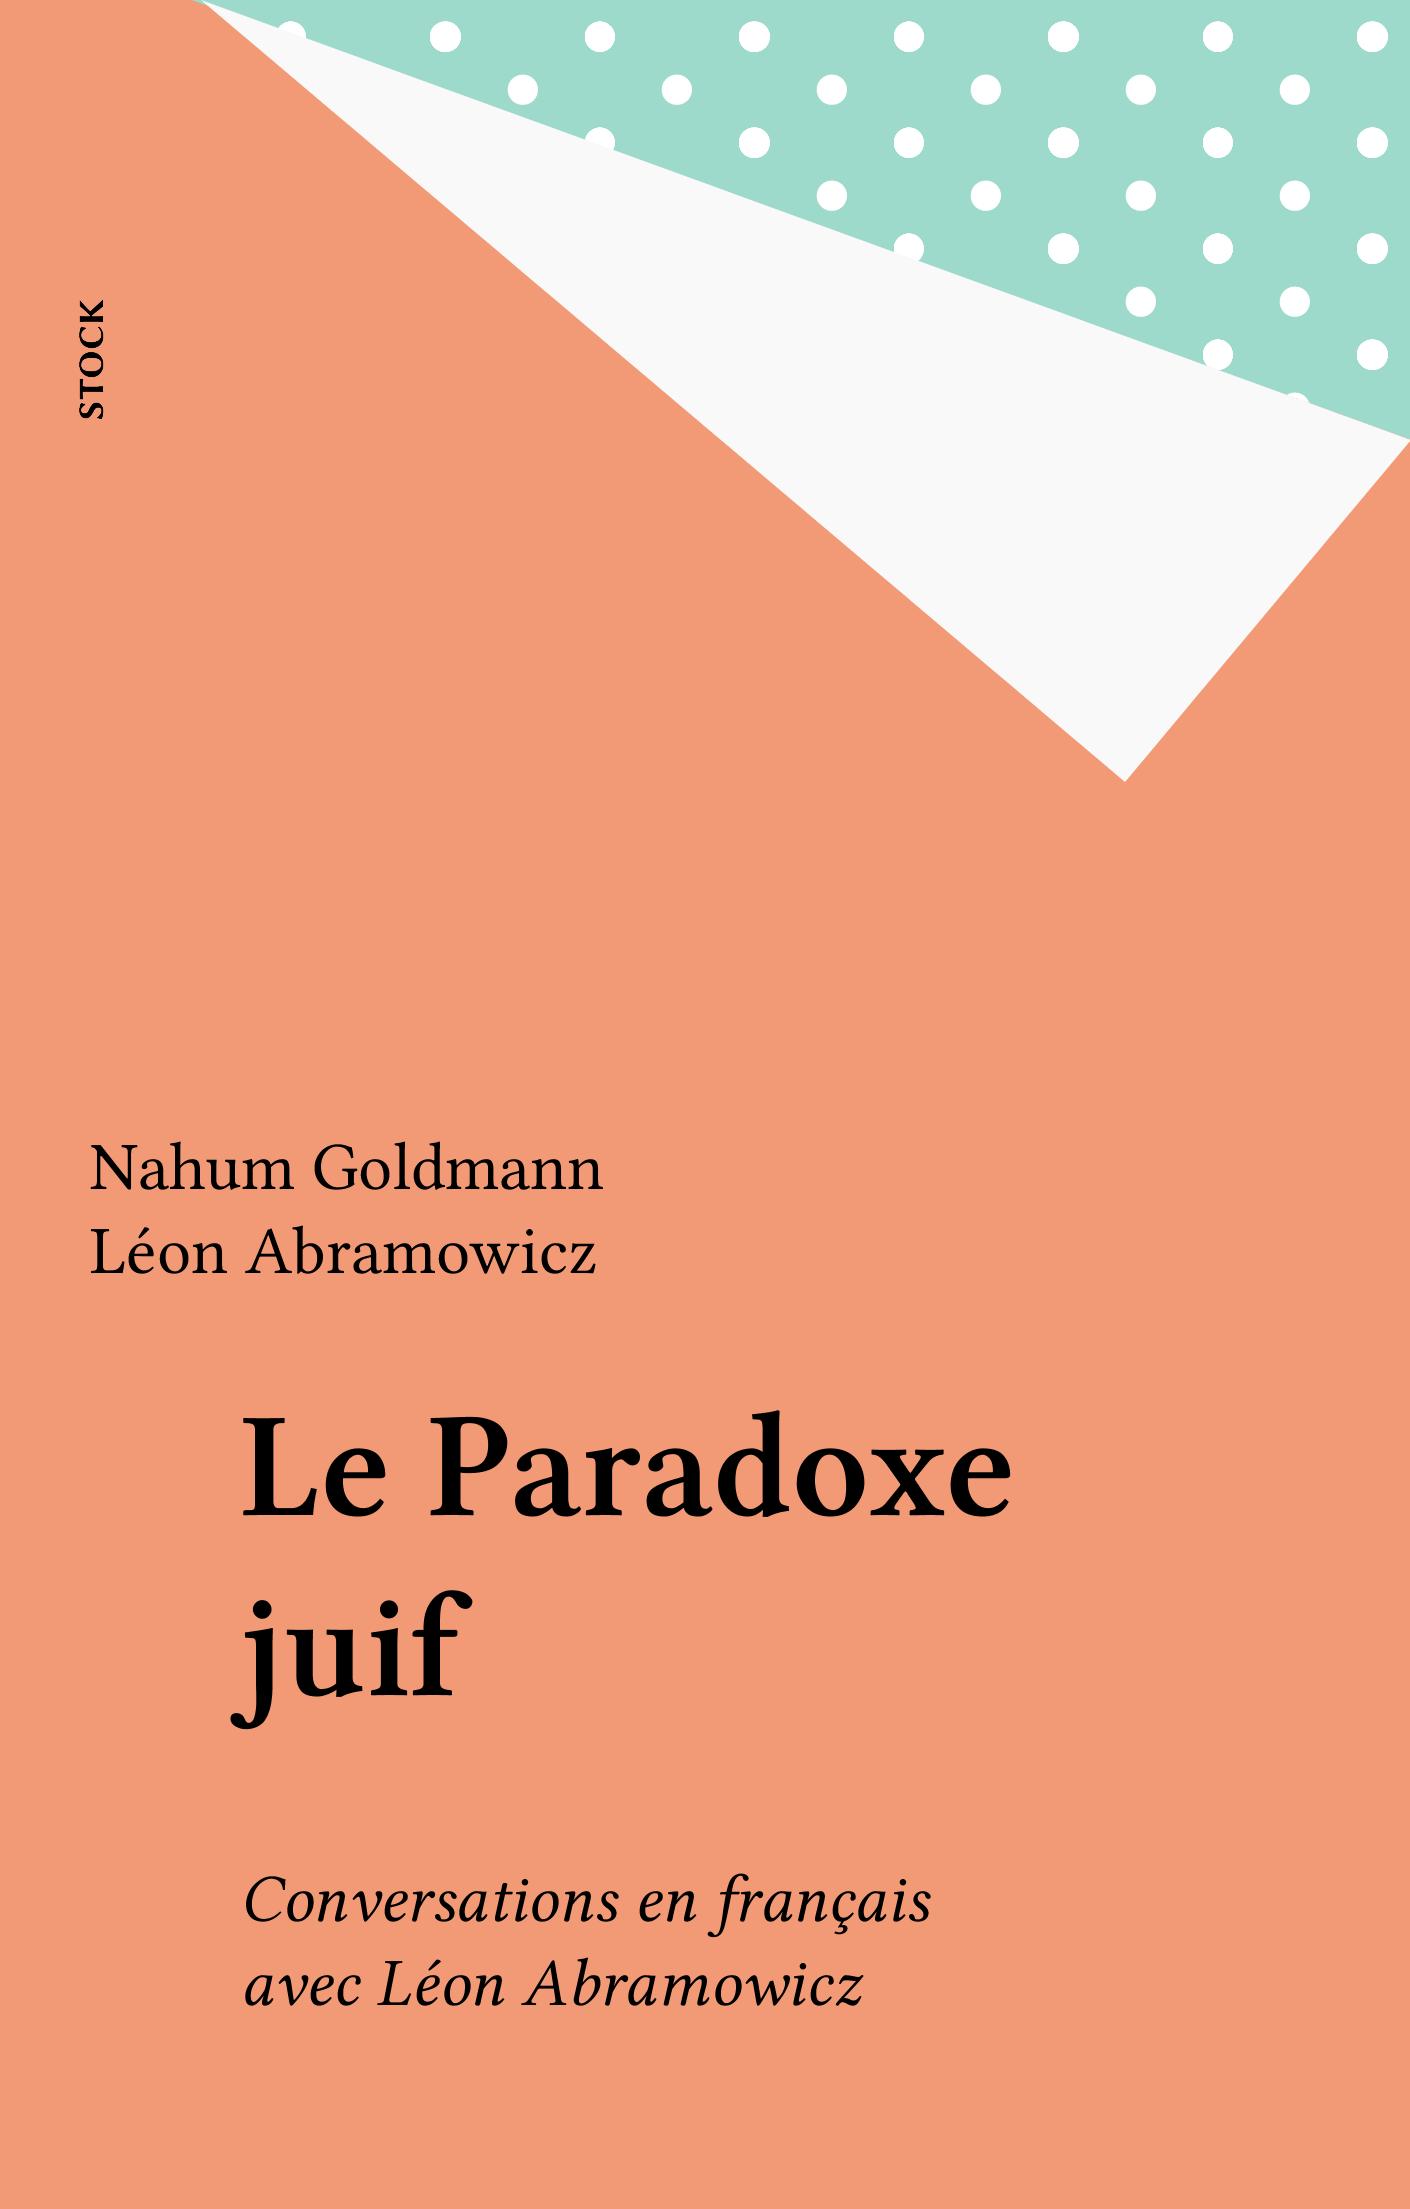 Le Paradoxe juif, CONVERSATIONS EN FRANÇAIS AVEC LÉON ABRAMOWICZ